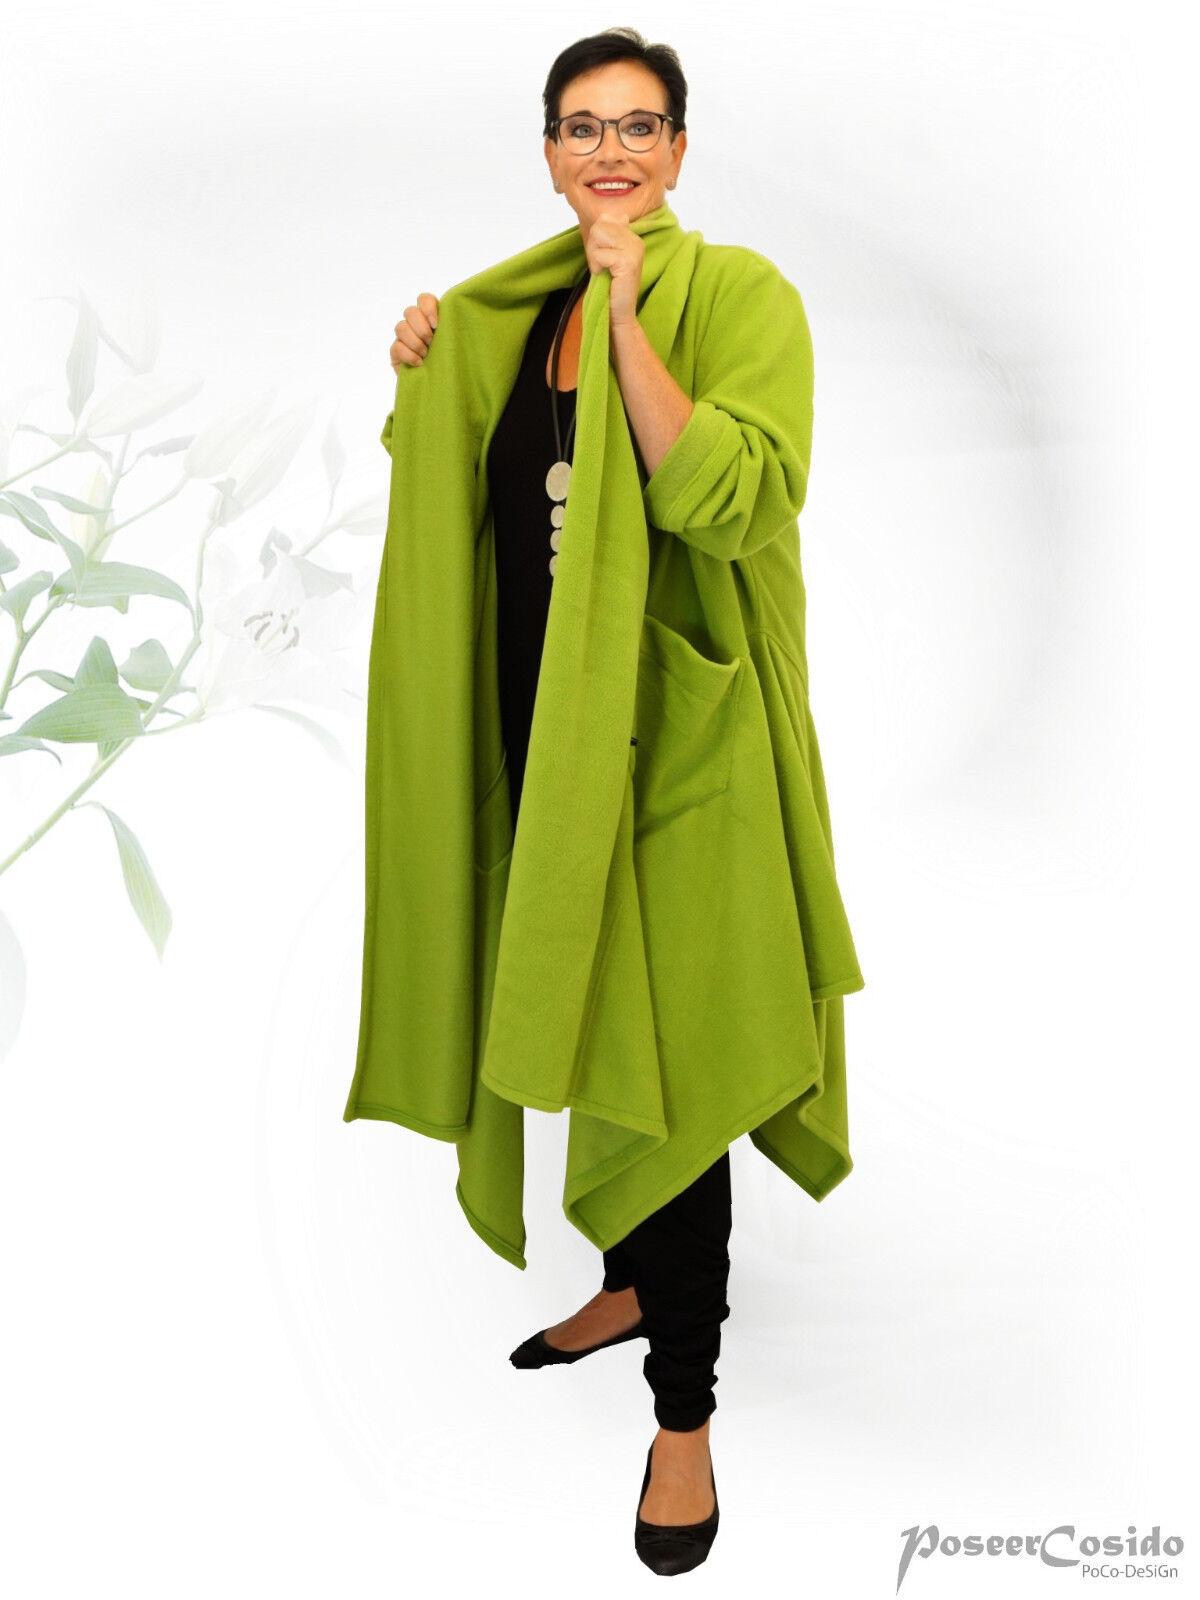 PoCo DeSiGn LAGENLOOK Strick-Jacke Kurz-Mantel grün schwarz  L-XL-XXL-XXXL />4XL